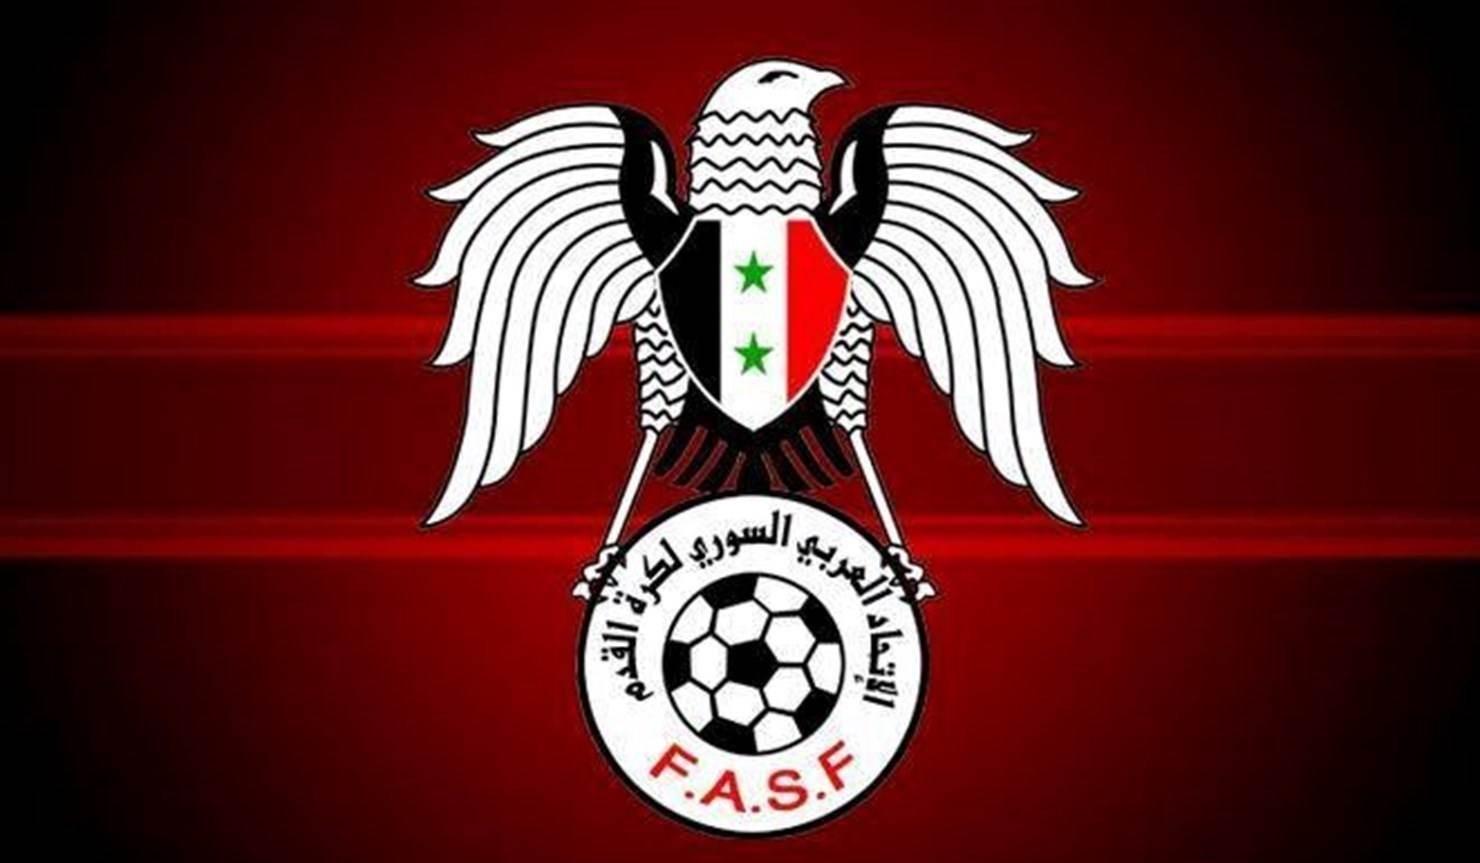 الدوري السوري يعود في 28 الحالي... والعراقي في 3 تموز/ يوليو